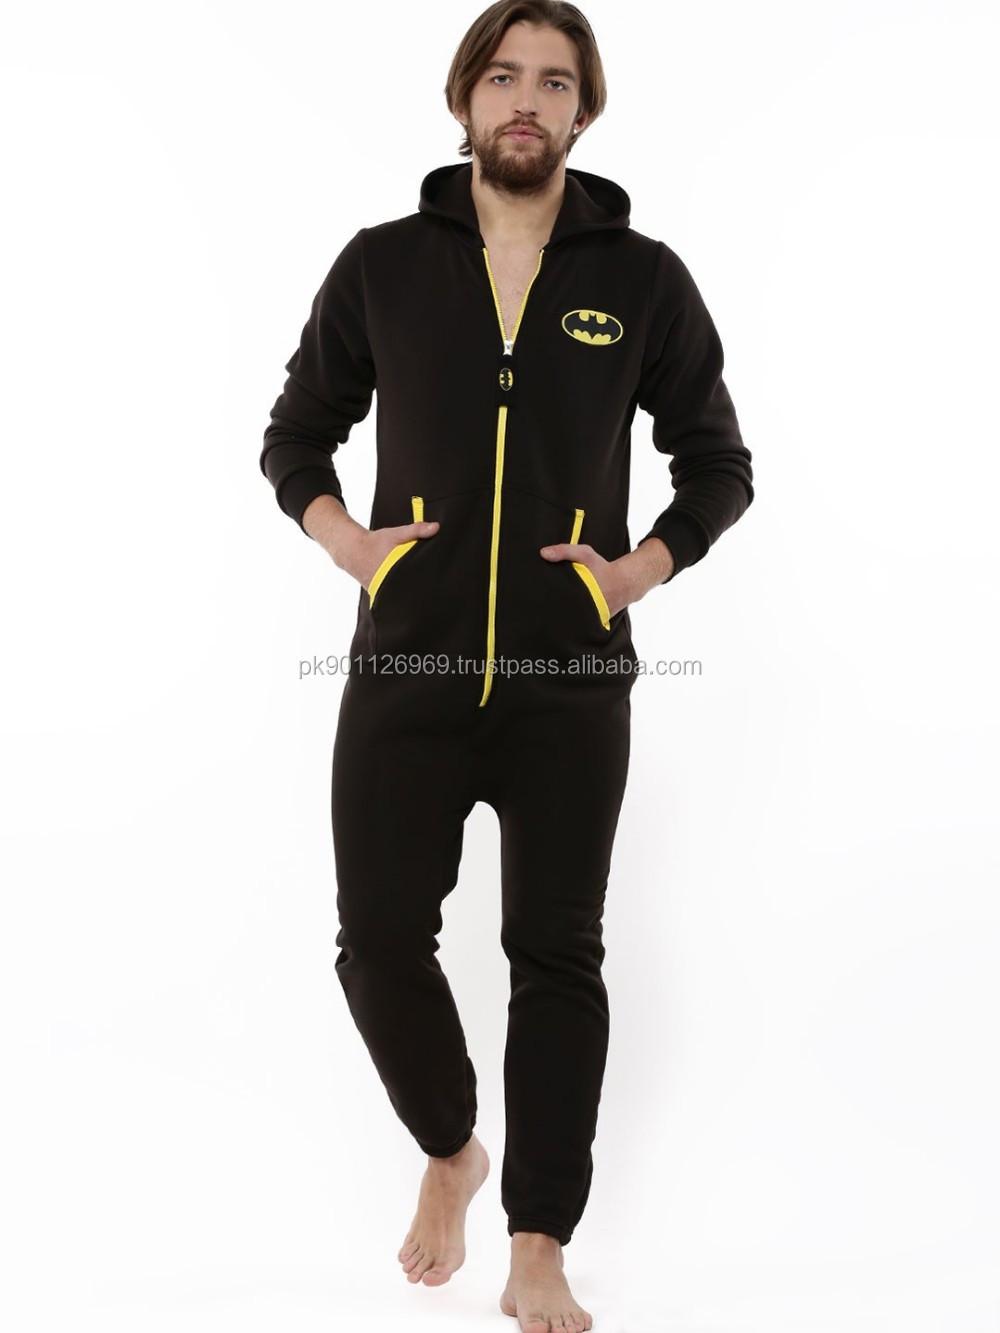 dcf3f358058d Cotton Fleece Jumpsuit For Men